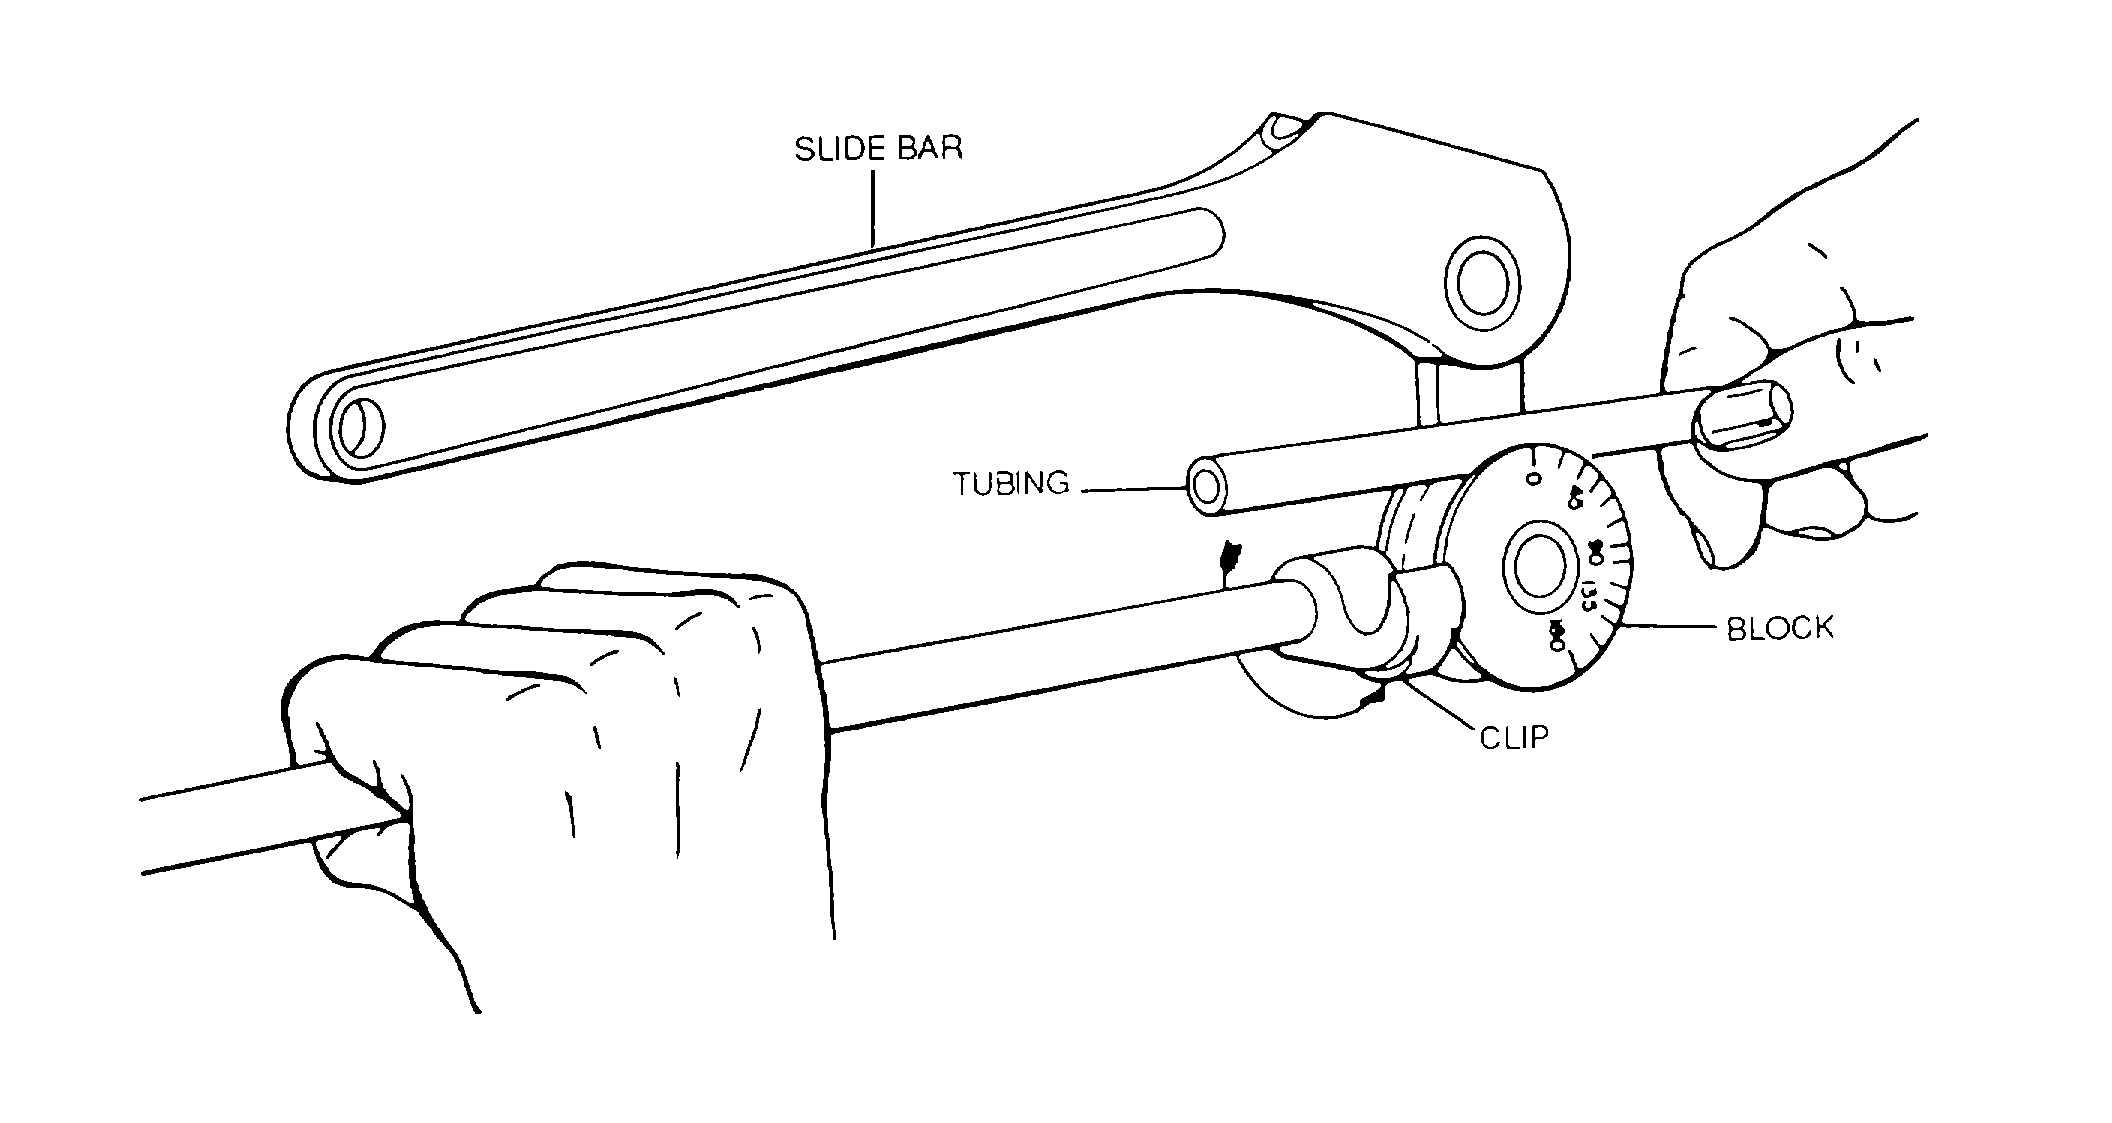 Tube-Bending Machine, Hand-Operated.